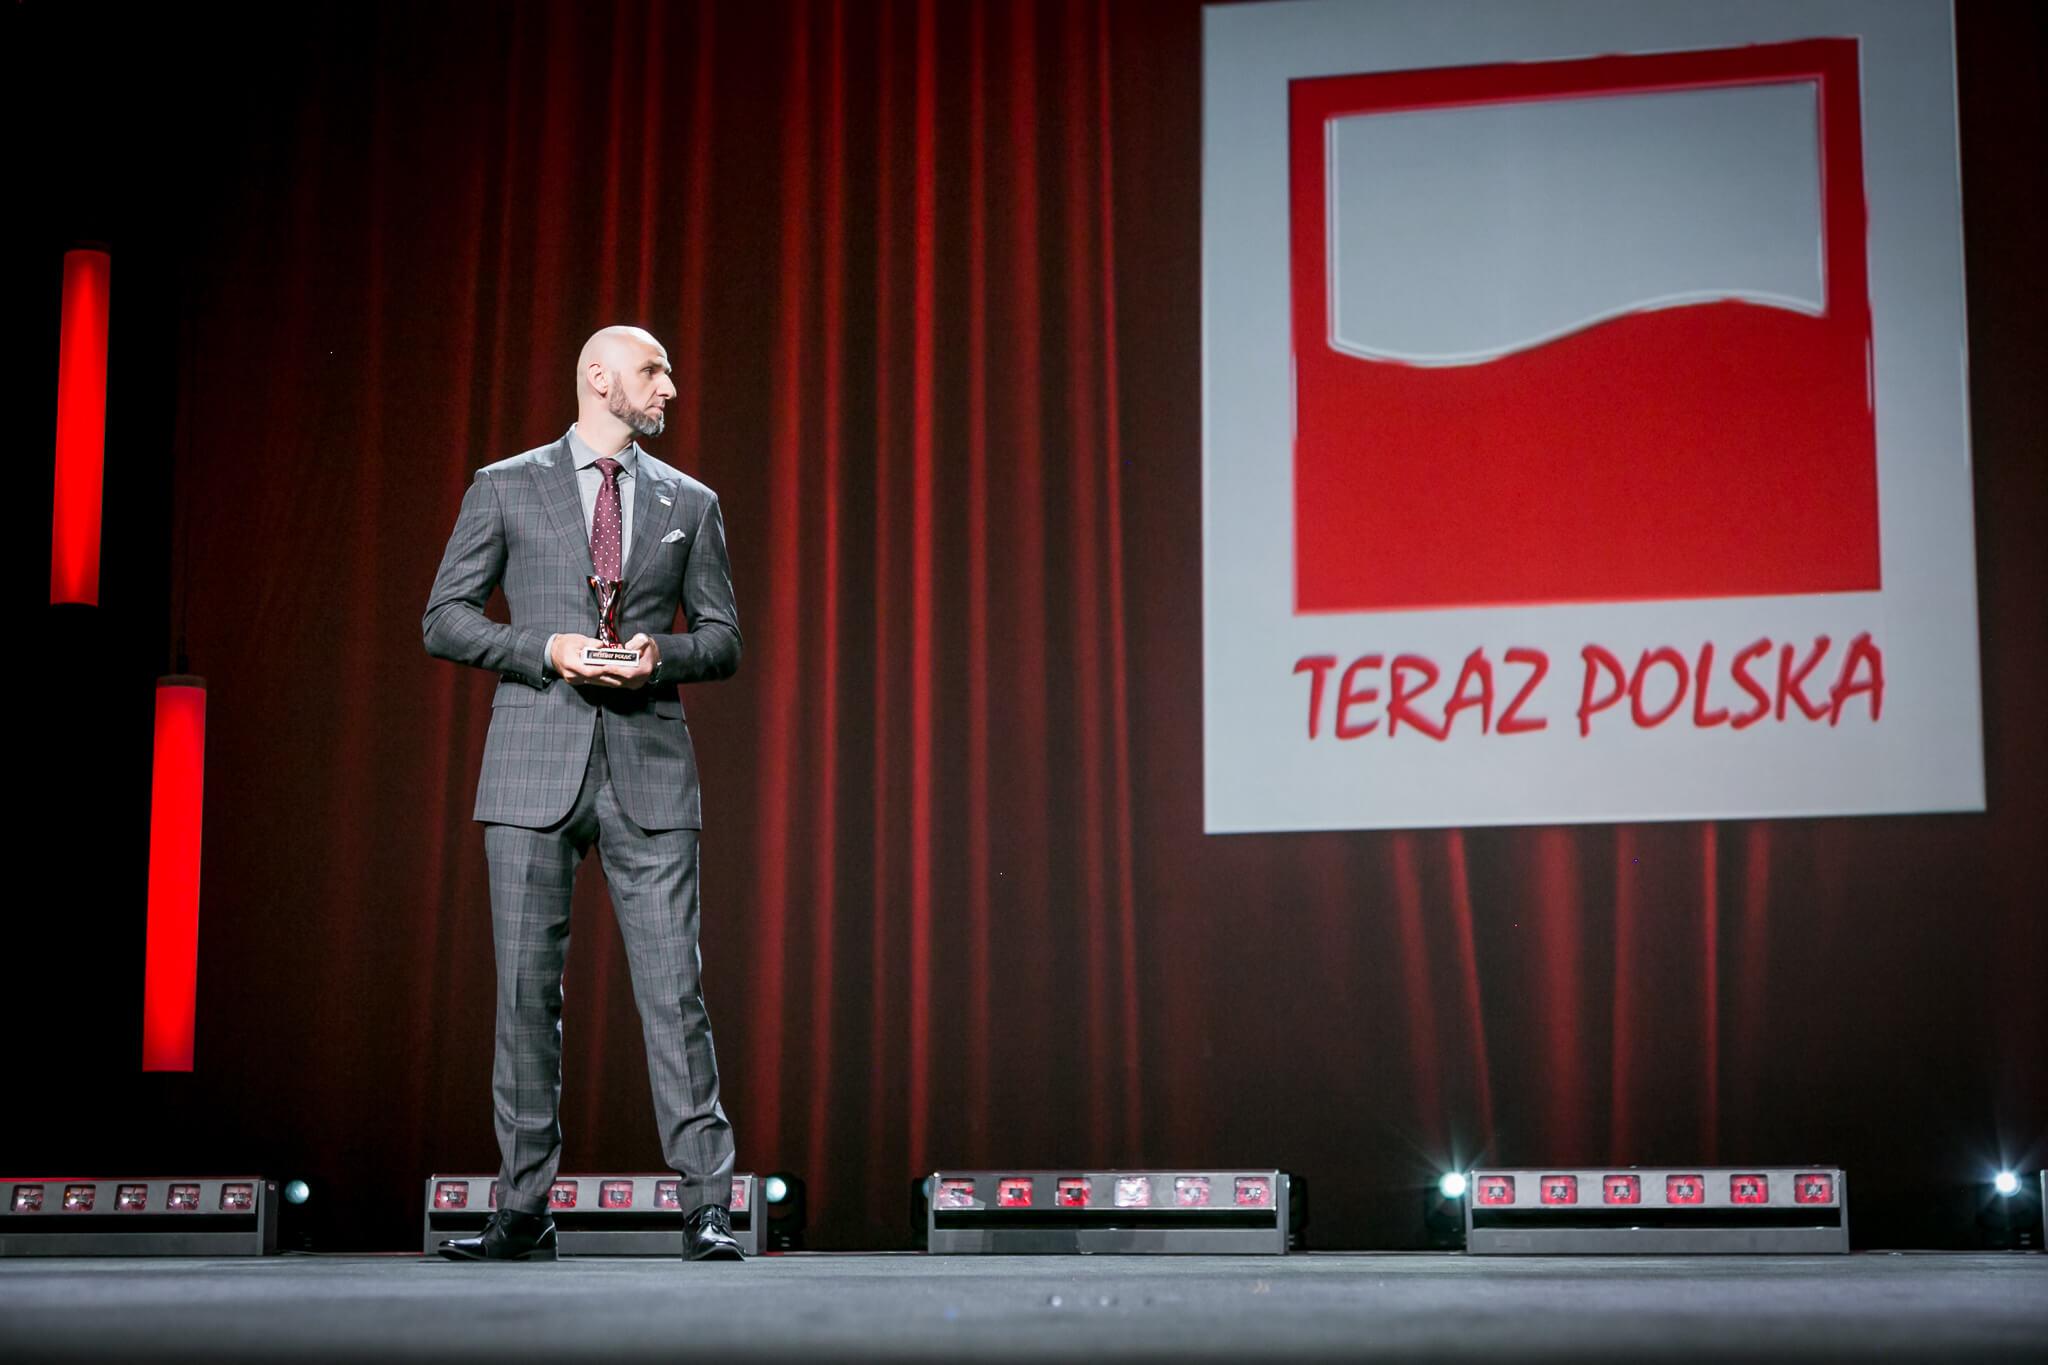 Fot. Kamil Broszko/Broszko.com, źródło: mat. org.